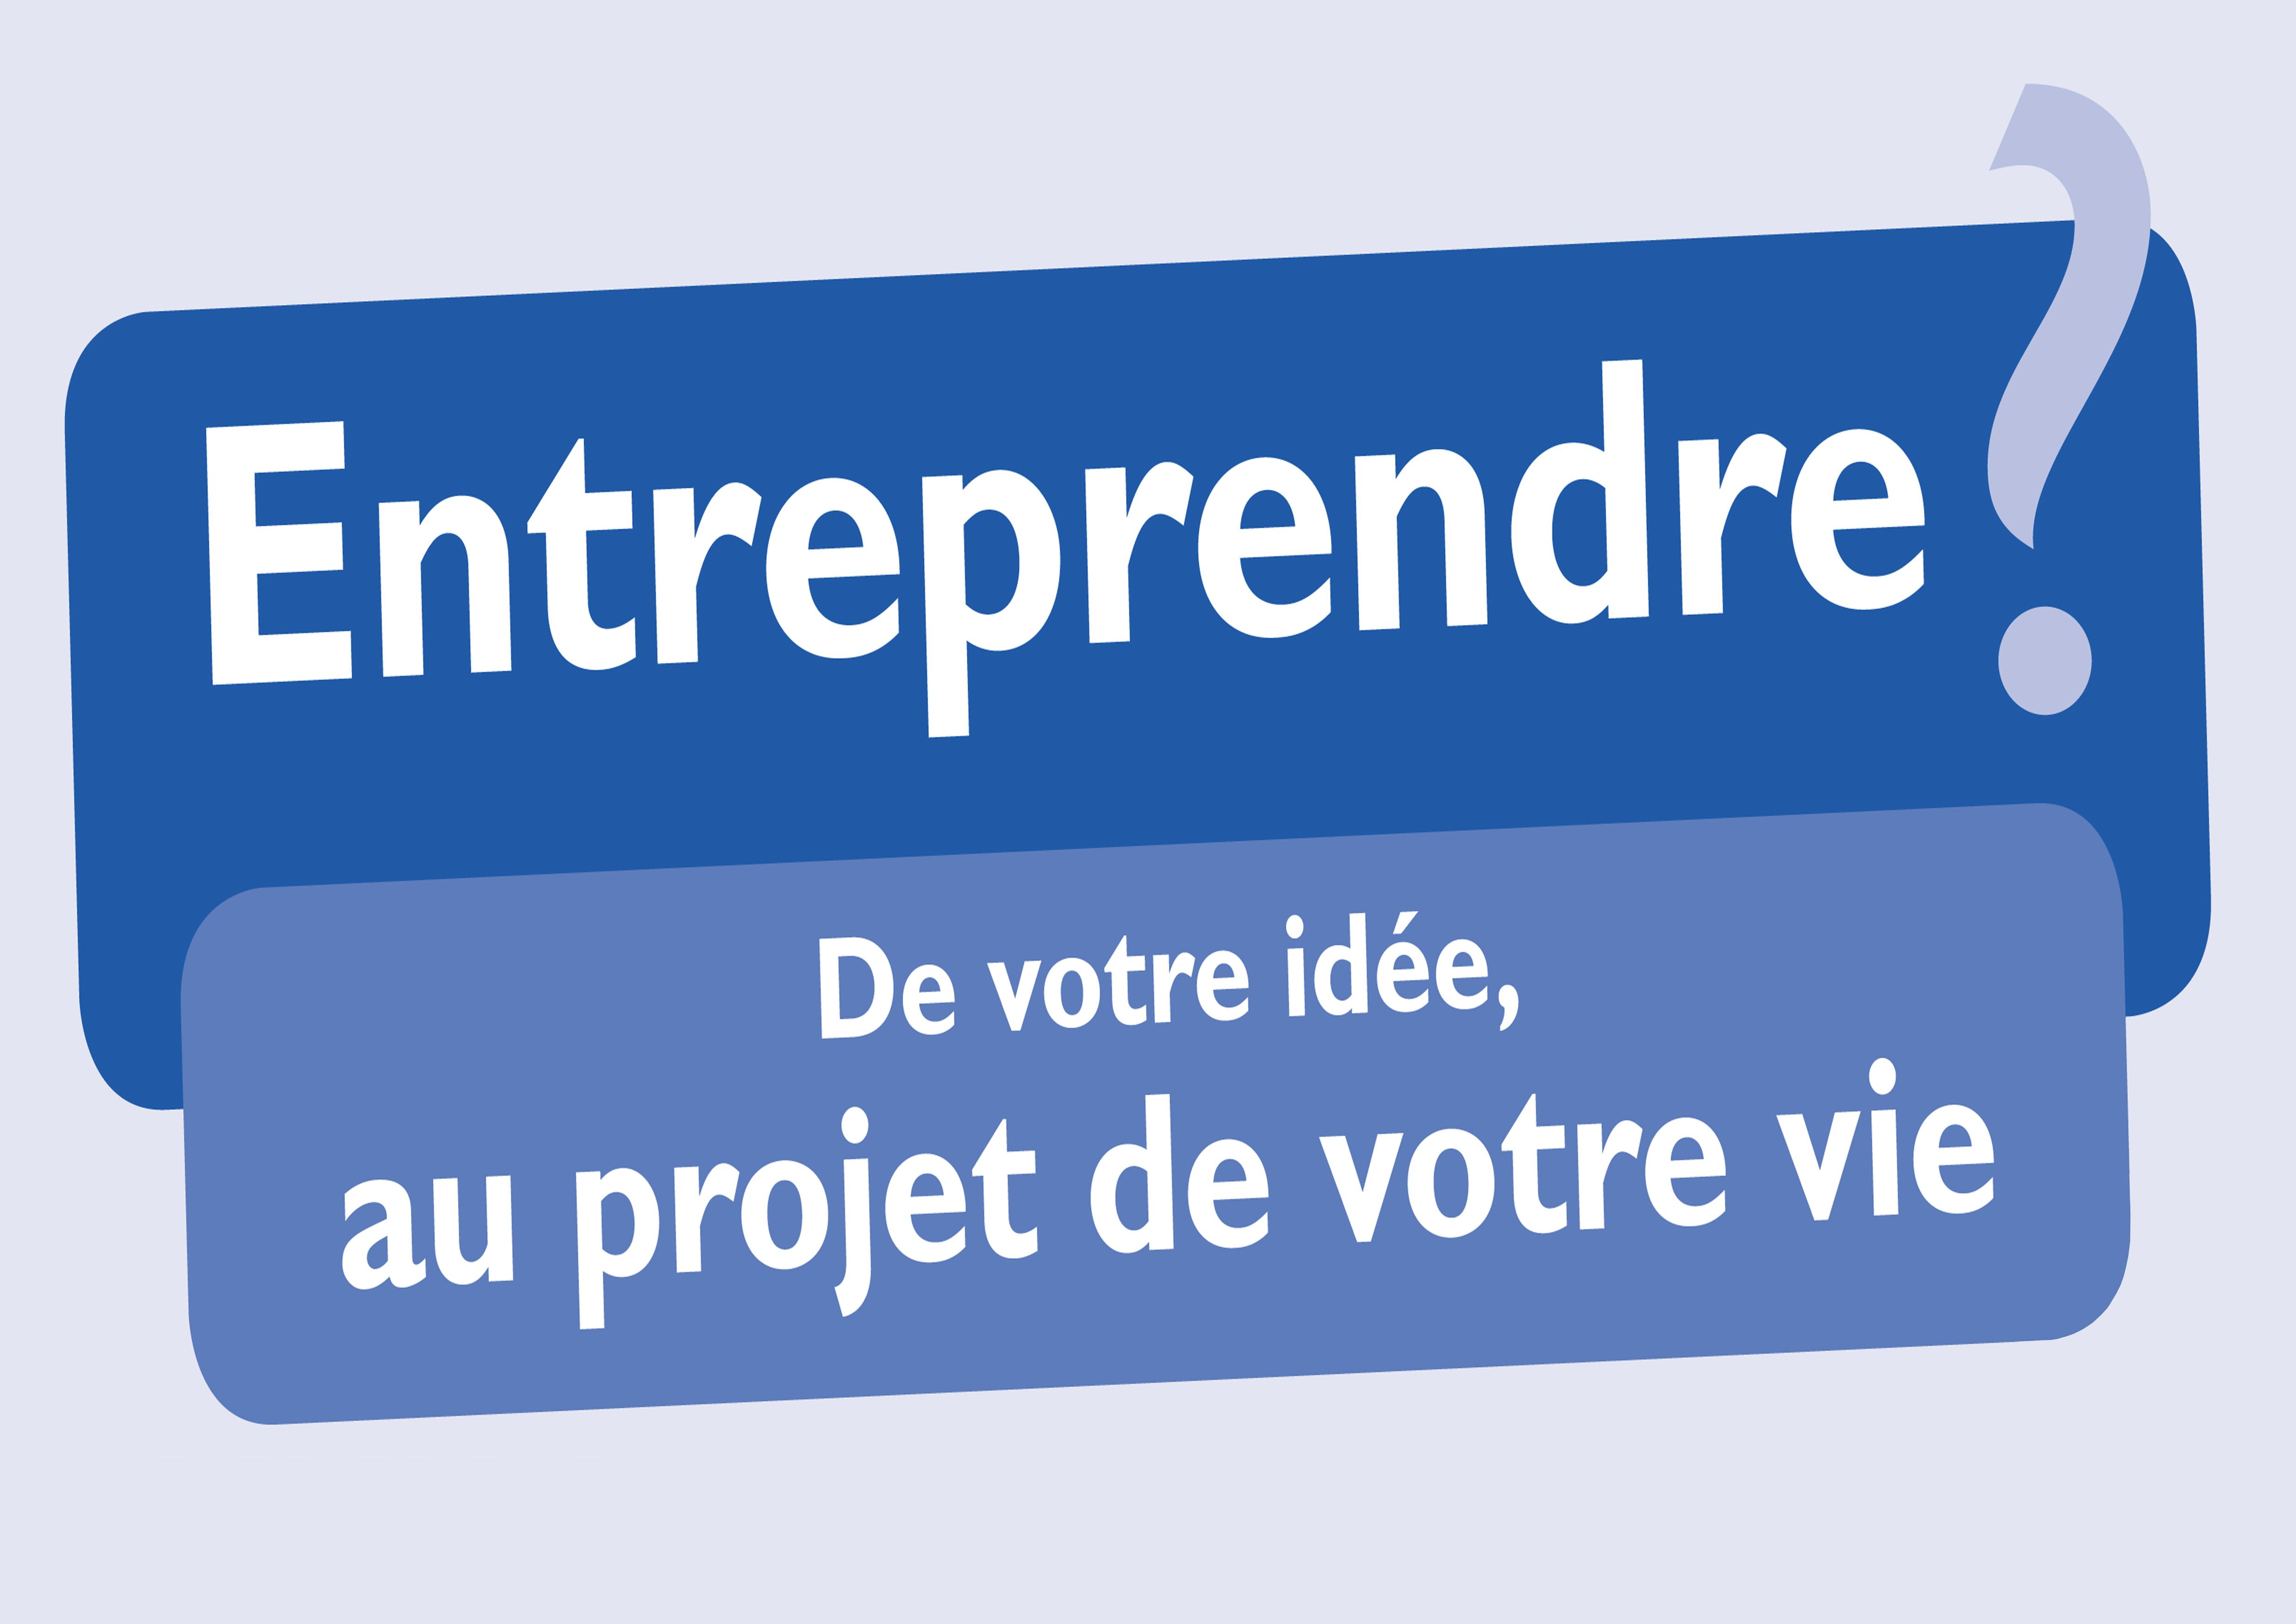 Création de business sur internet pour entreprendre